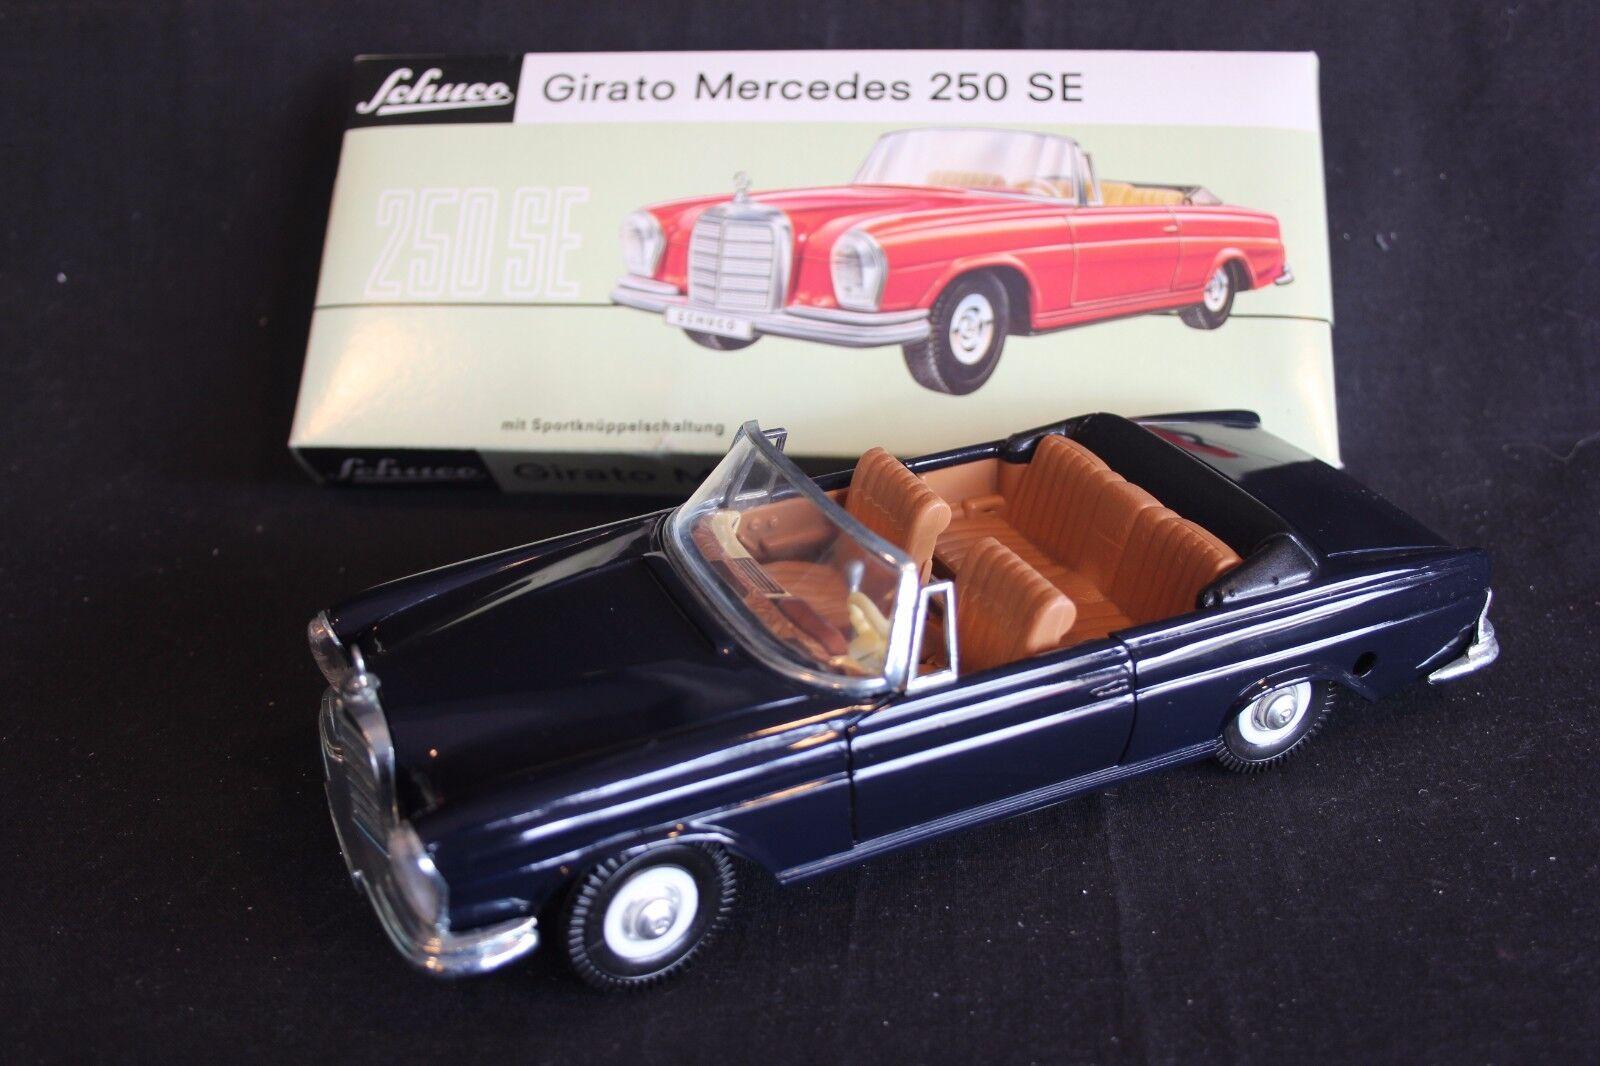 Schuco Girato Mercedes-Benz 250 SE 1 20 dark bluee (JS)